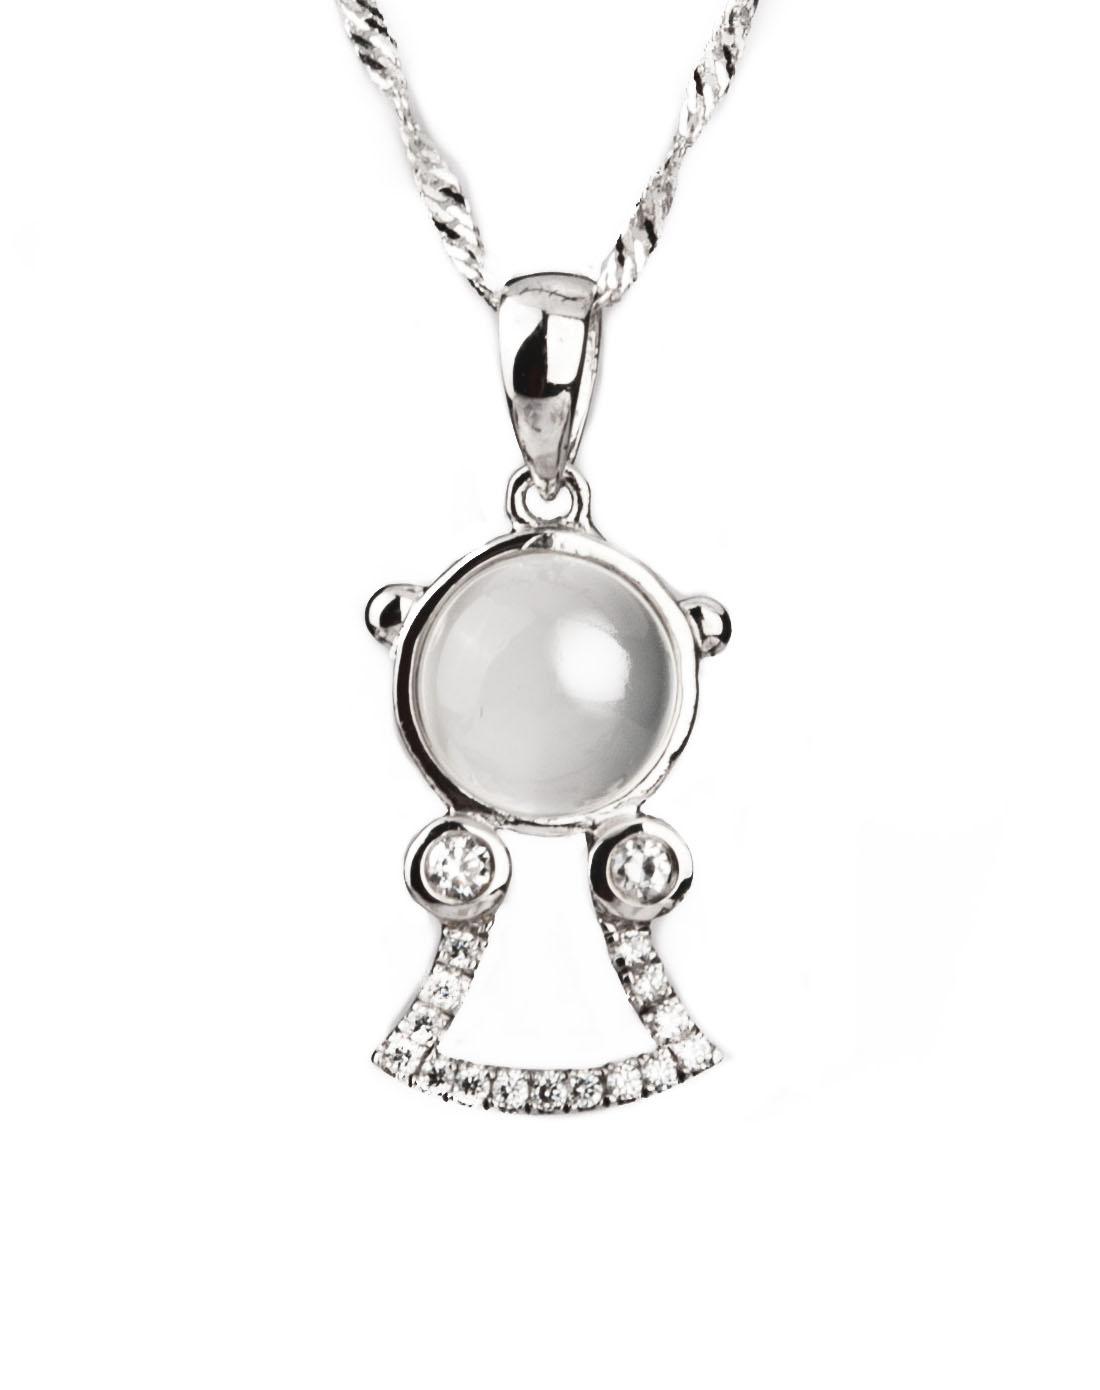 博金珠宝bojin首饰专场月光石吊坠(赠链一条)bj-1